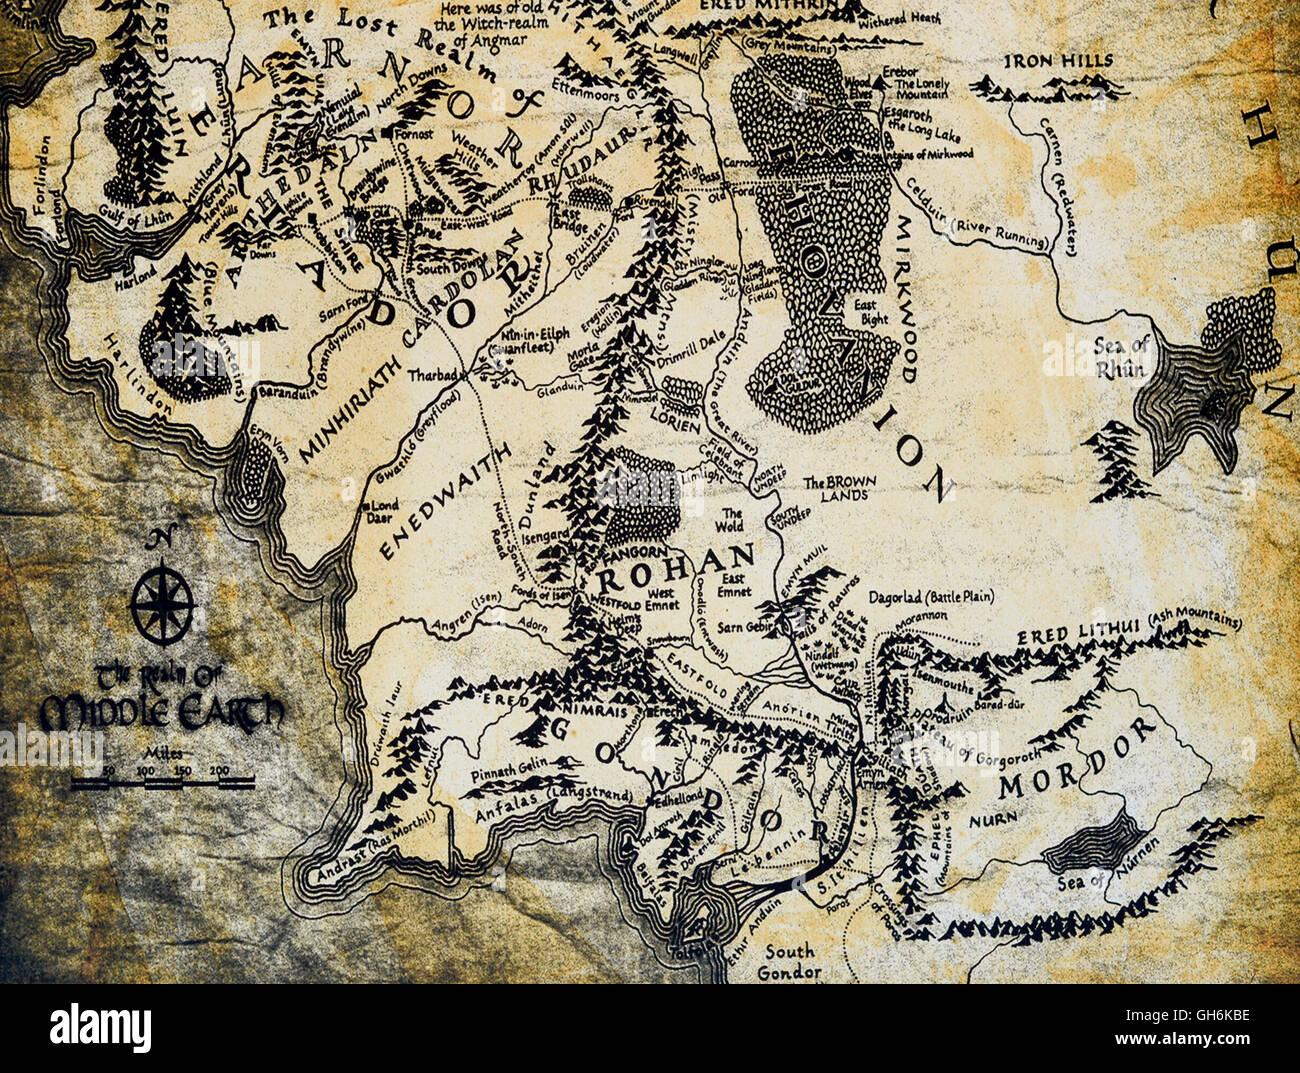 Mittelerde Karte Herr Der Ringe.Karte Von Mittelerde Aus Der Herr Der Ringe Von Jrr Tolkien